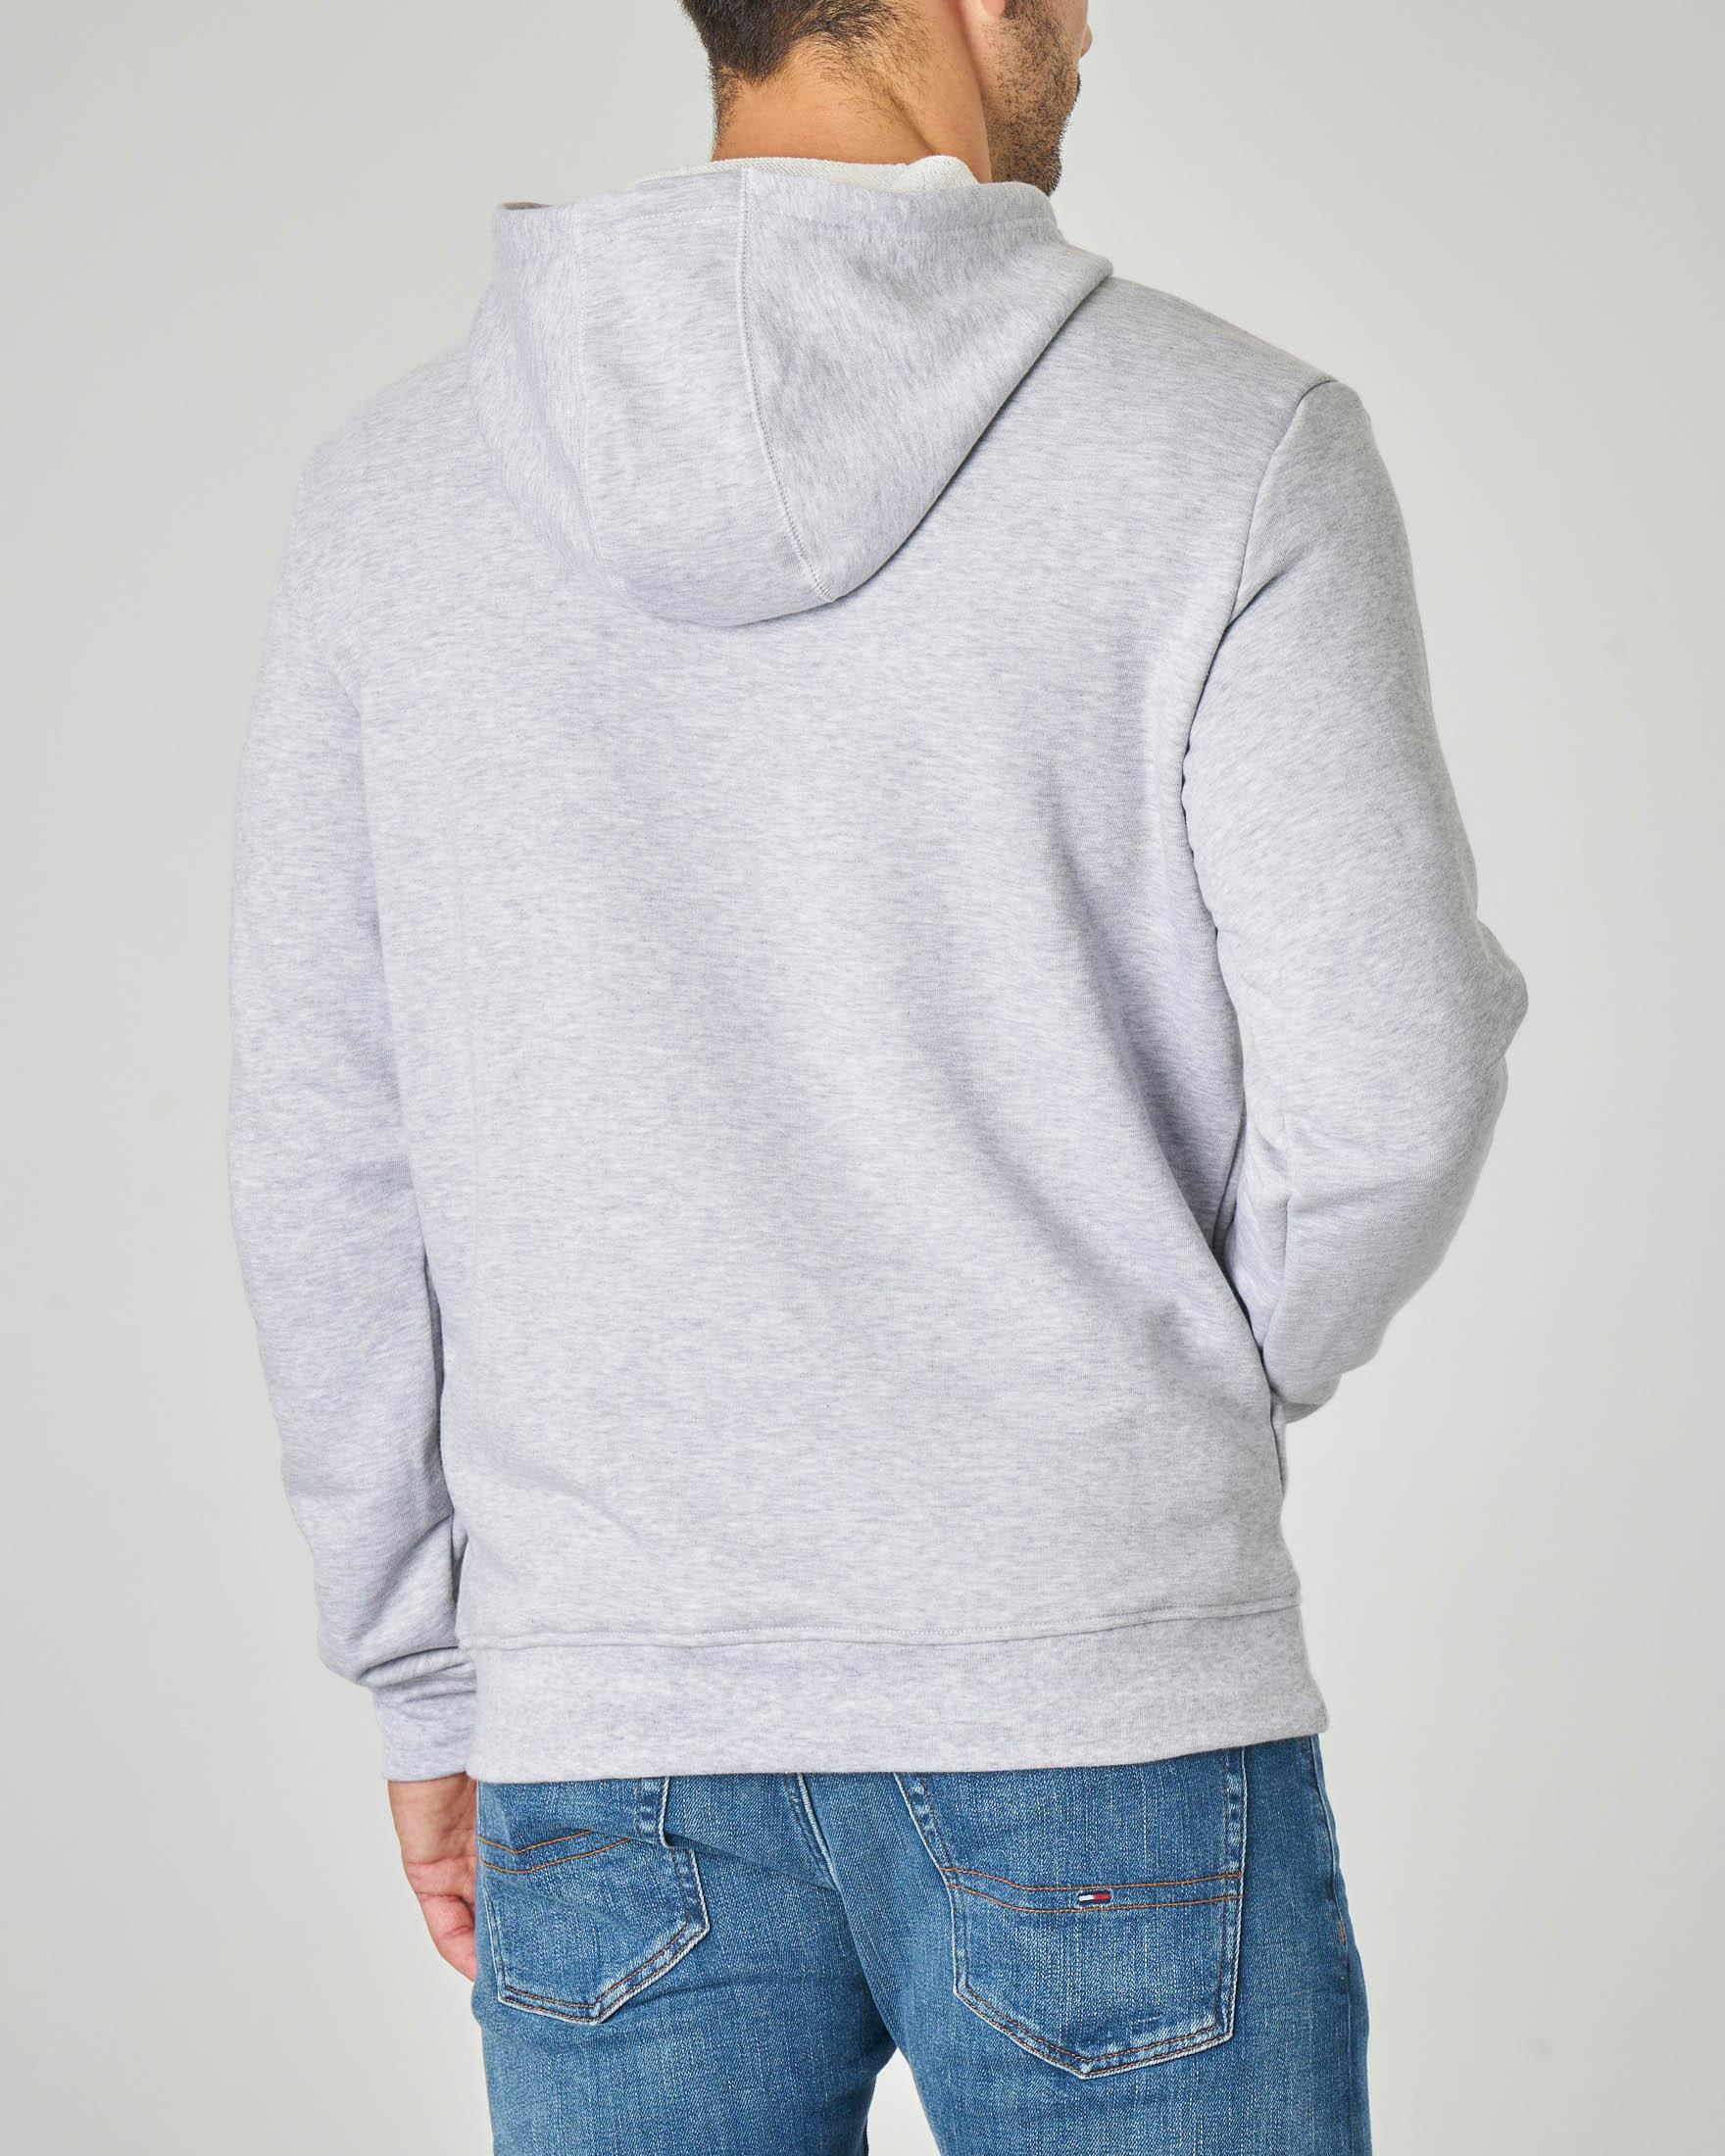 Felpa grigio chiaro con cappuccio, tasche a marsupio e maxi-logo coccodrillo stampato